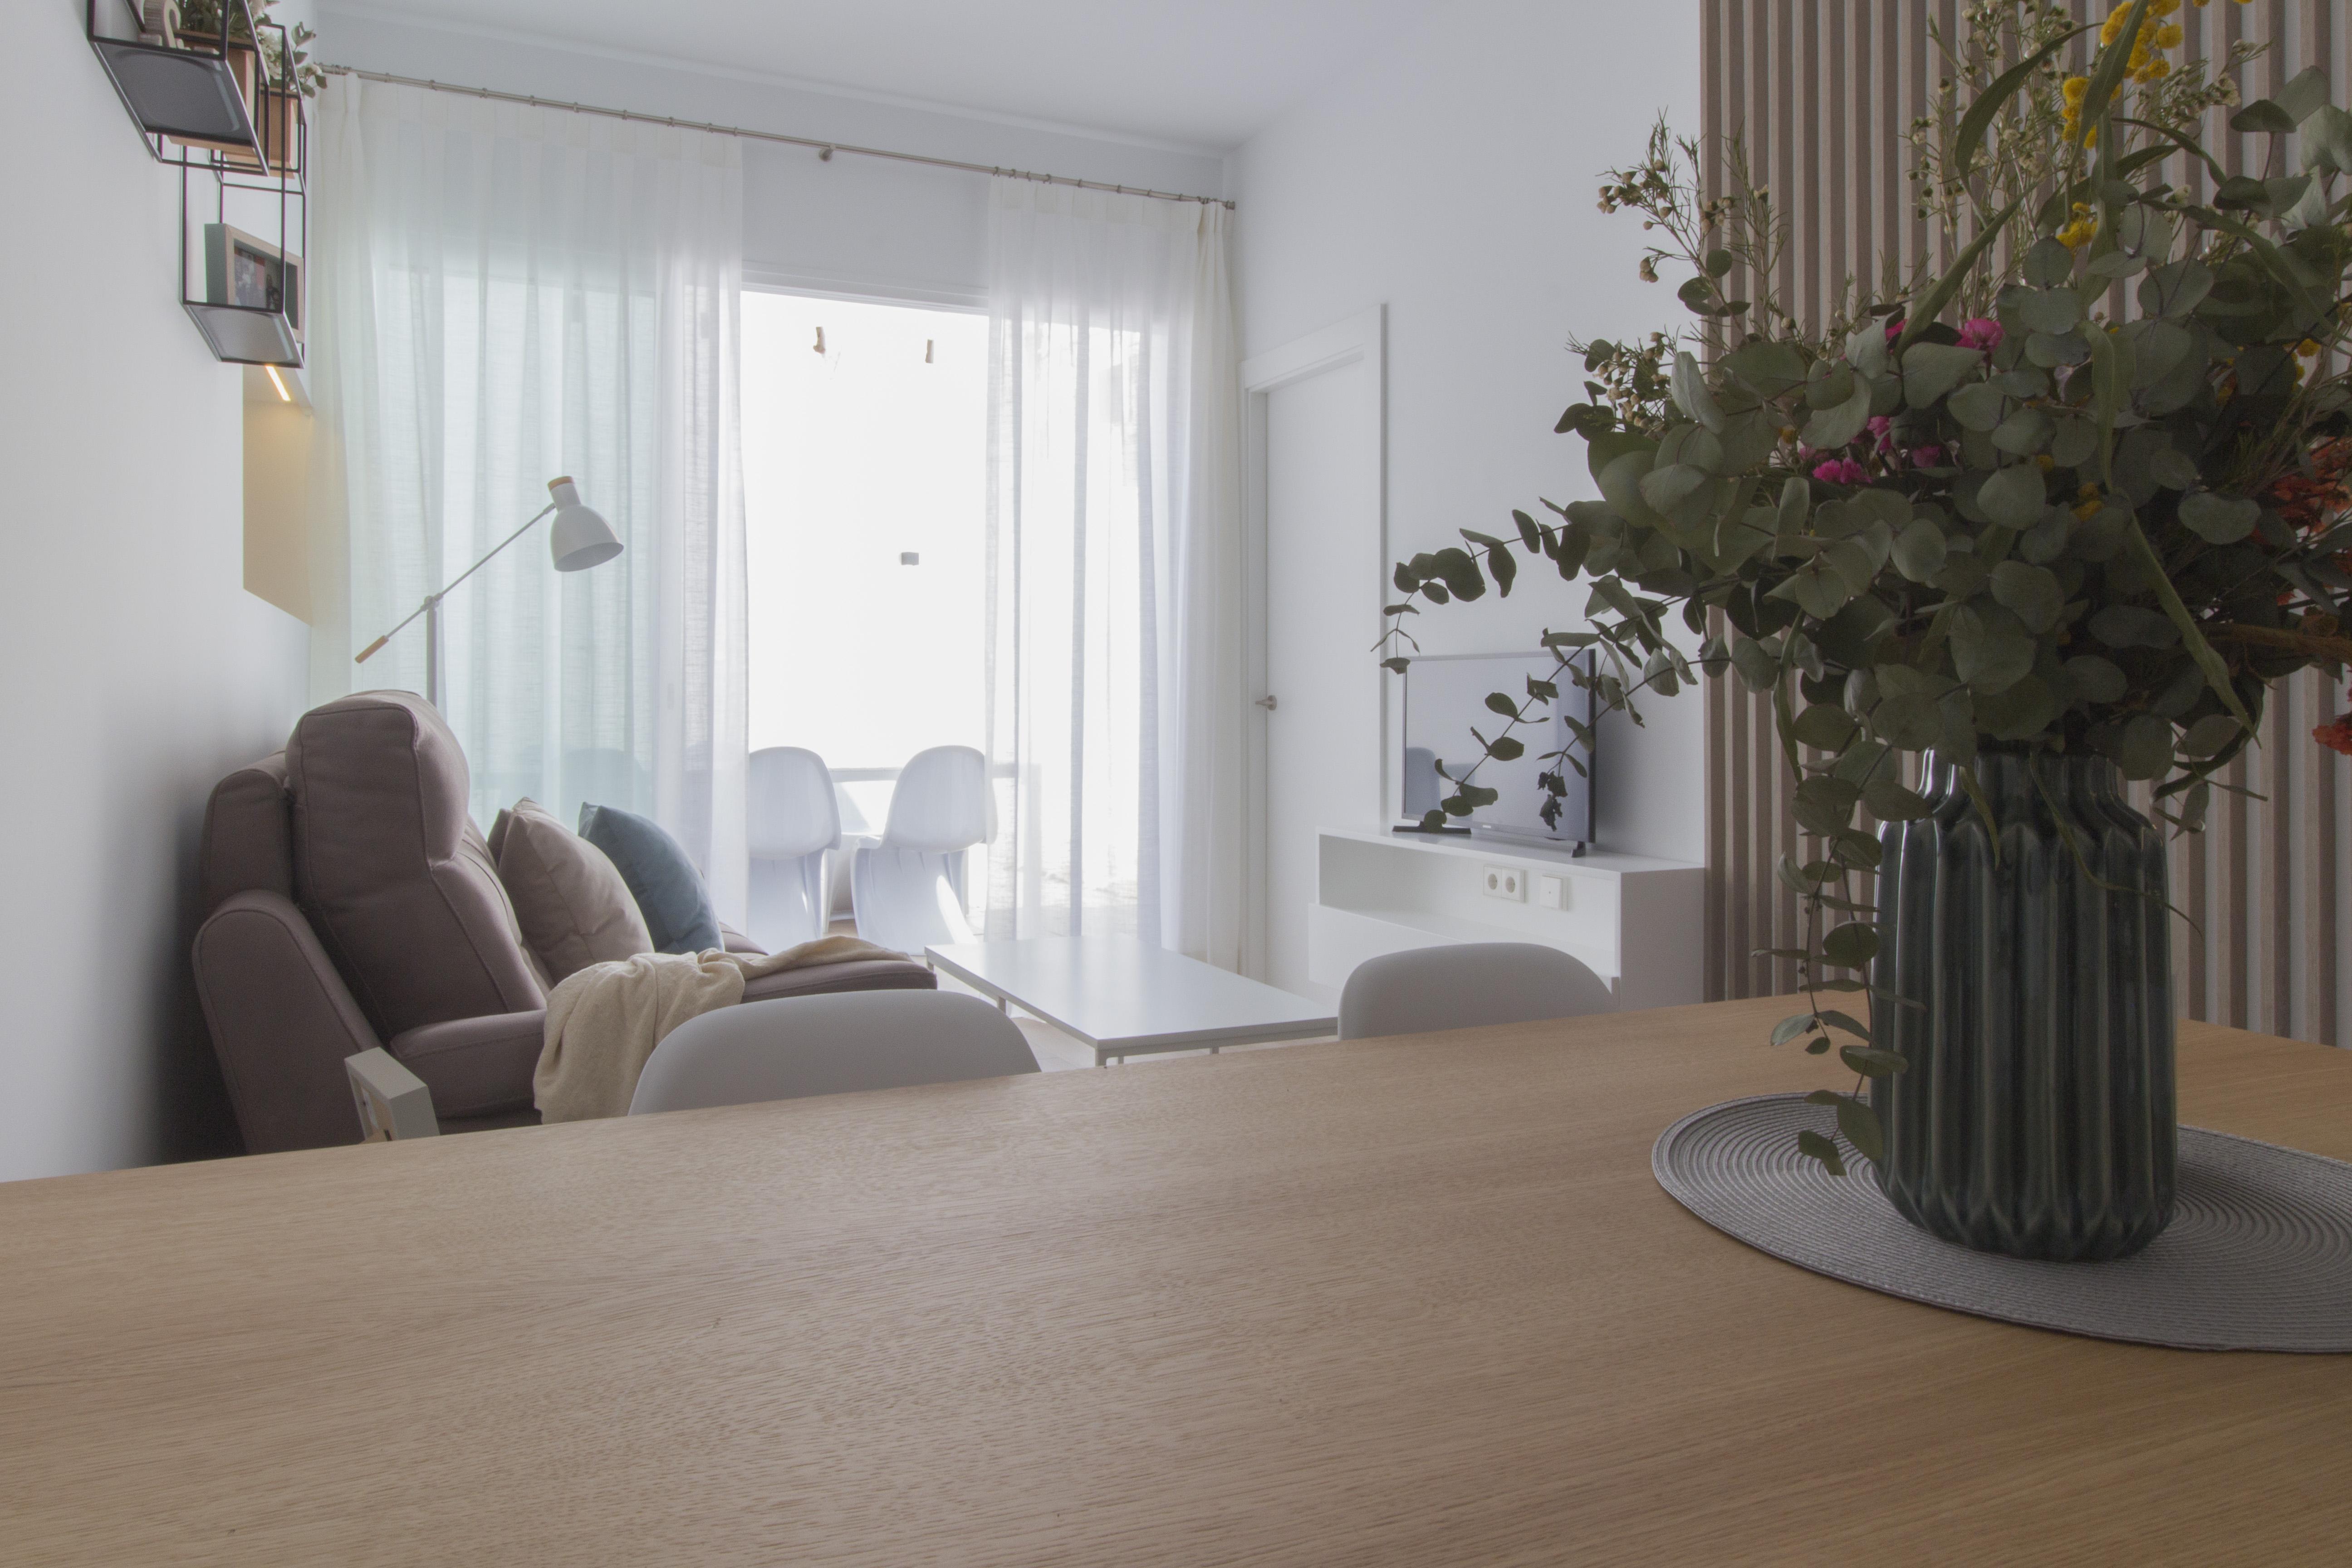 10 Trucos Para Un Minipiso Bien Aprovechado  # Muebles Cuanta Razon